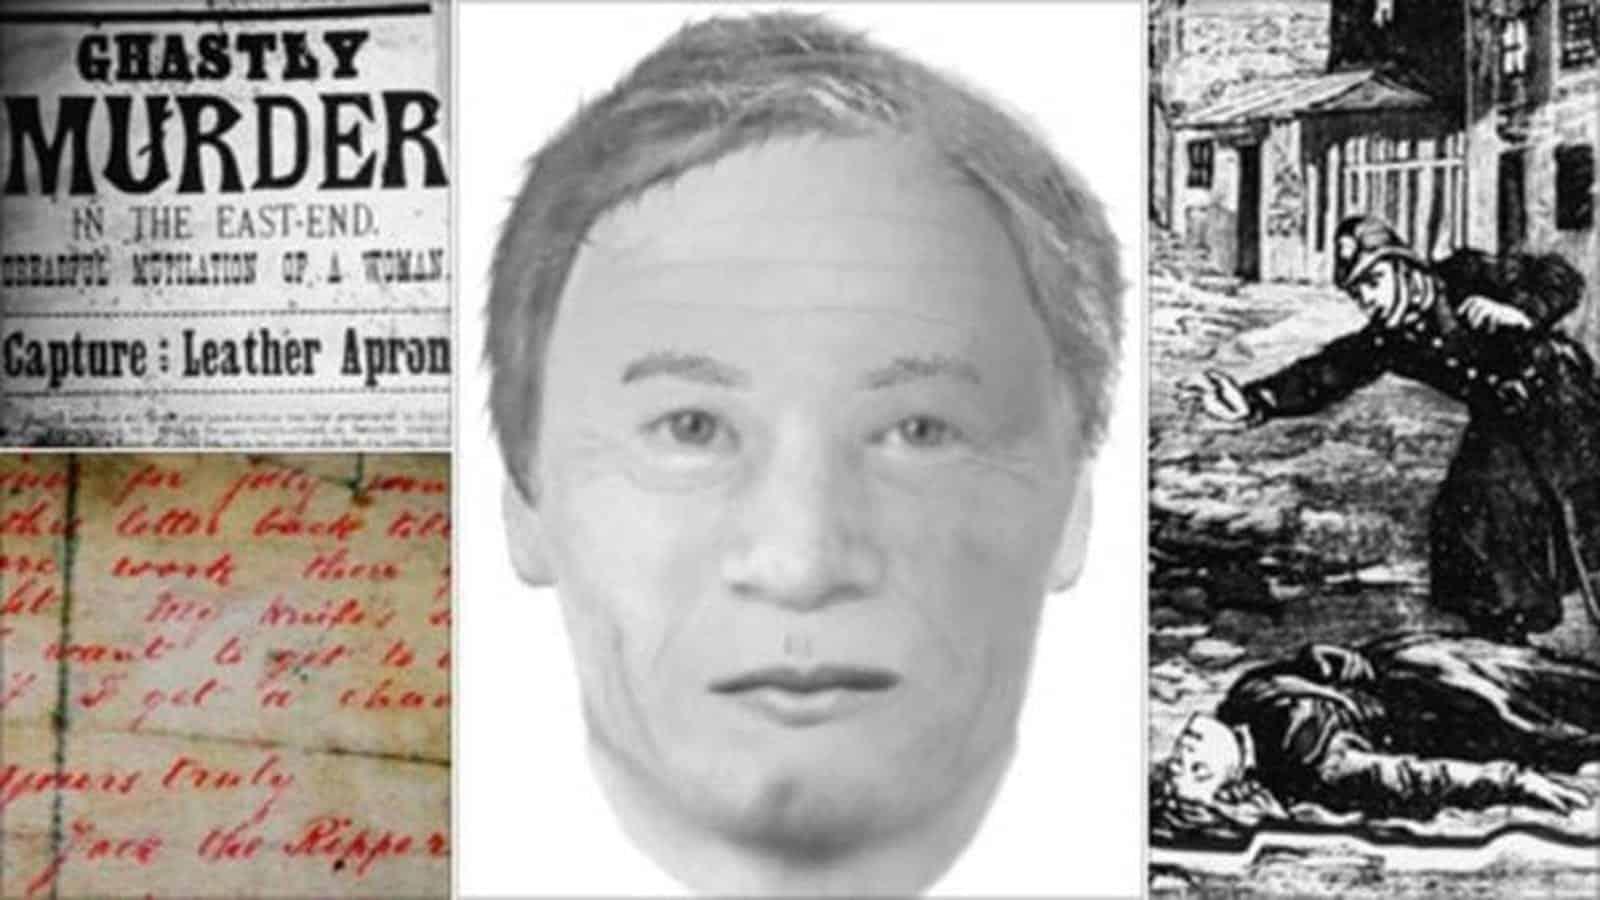 Jack estripador, conheça o serial killer mais fomoso de todos os tempos